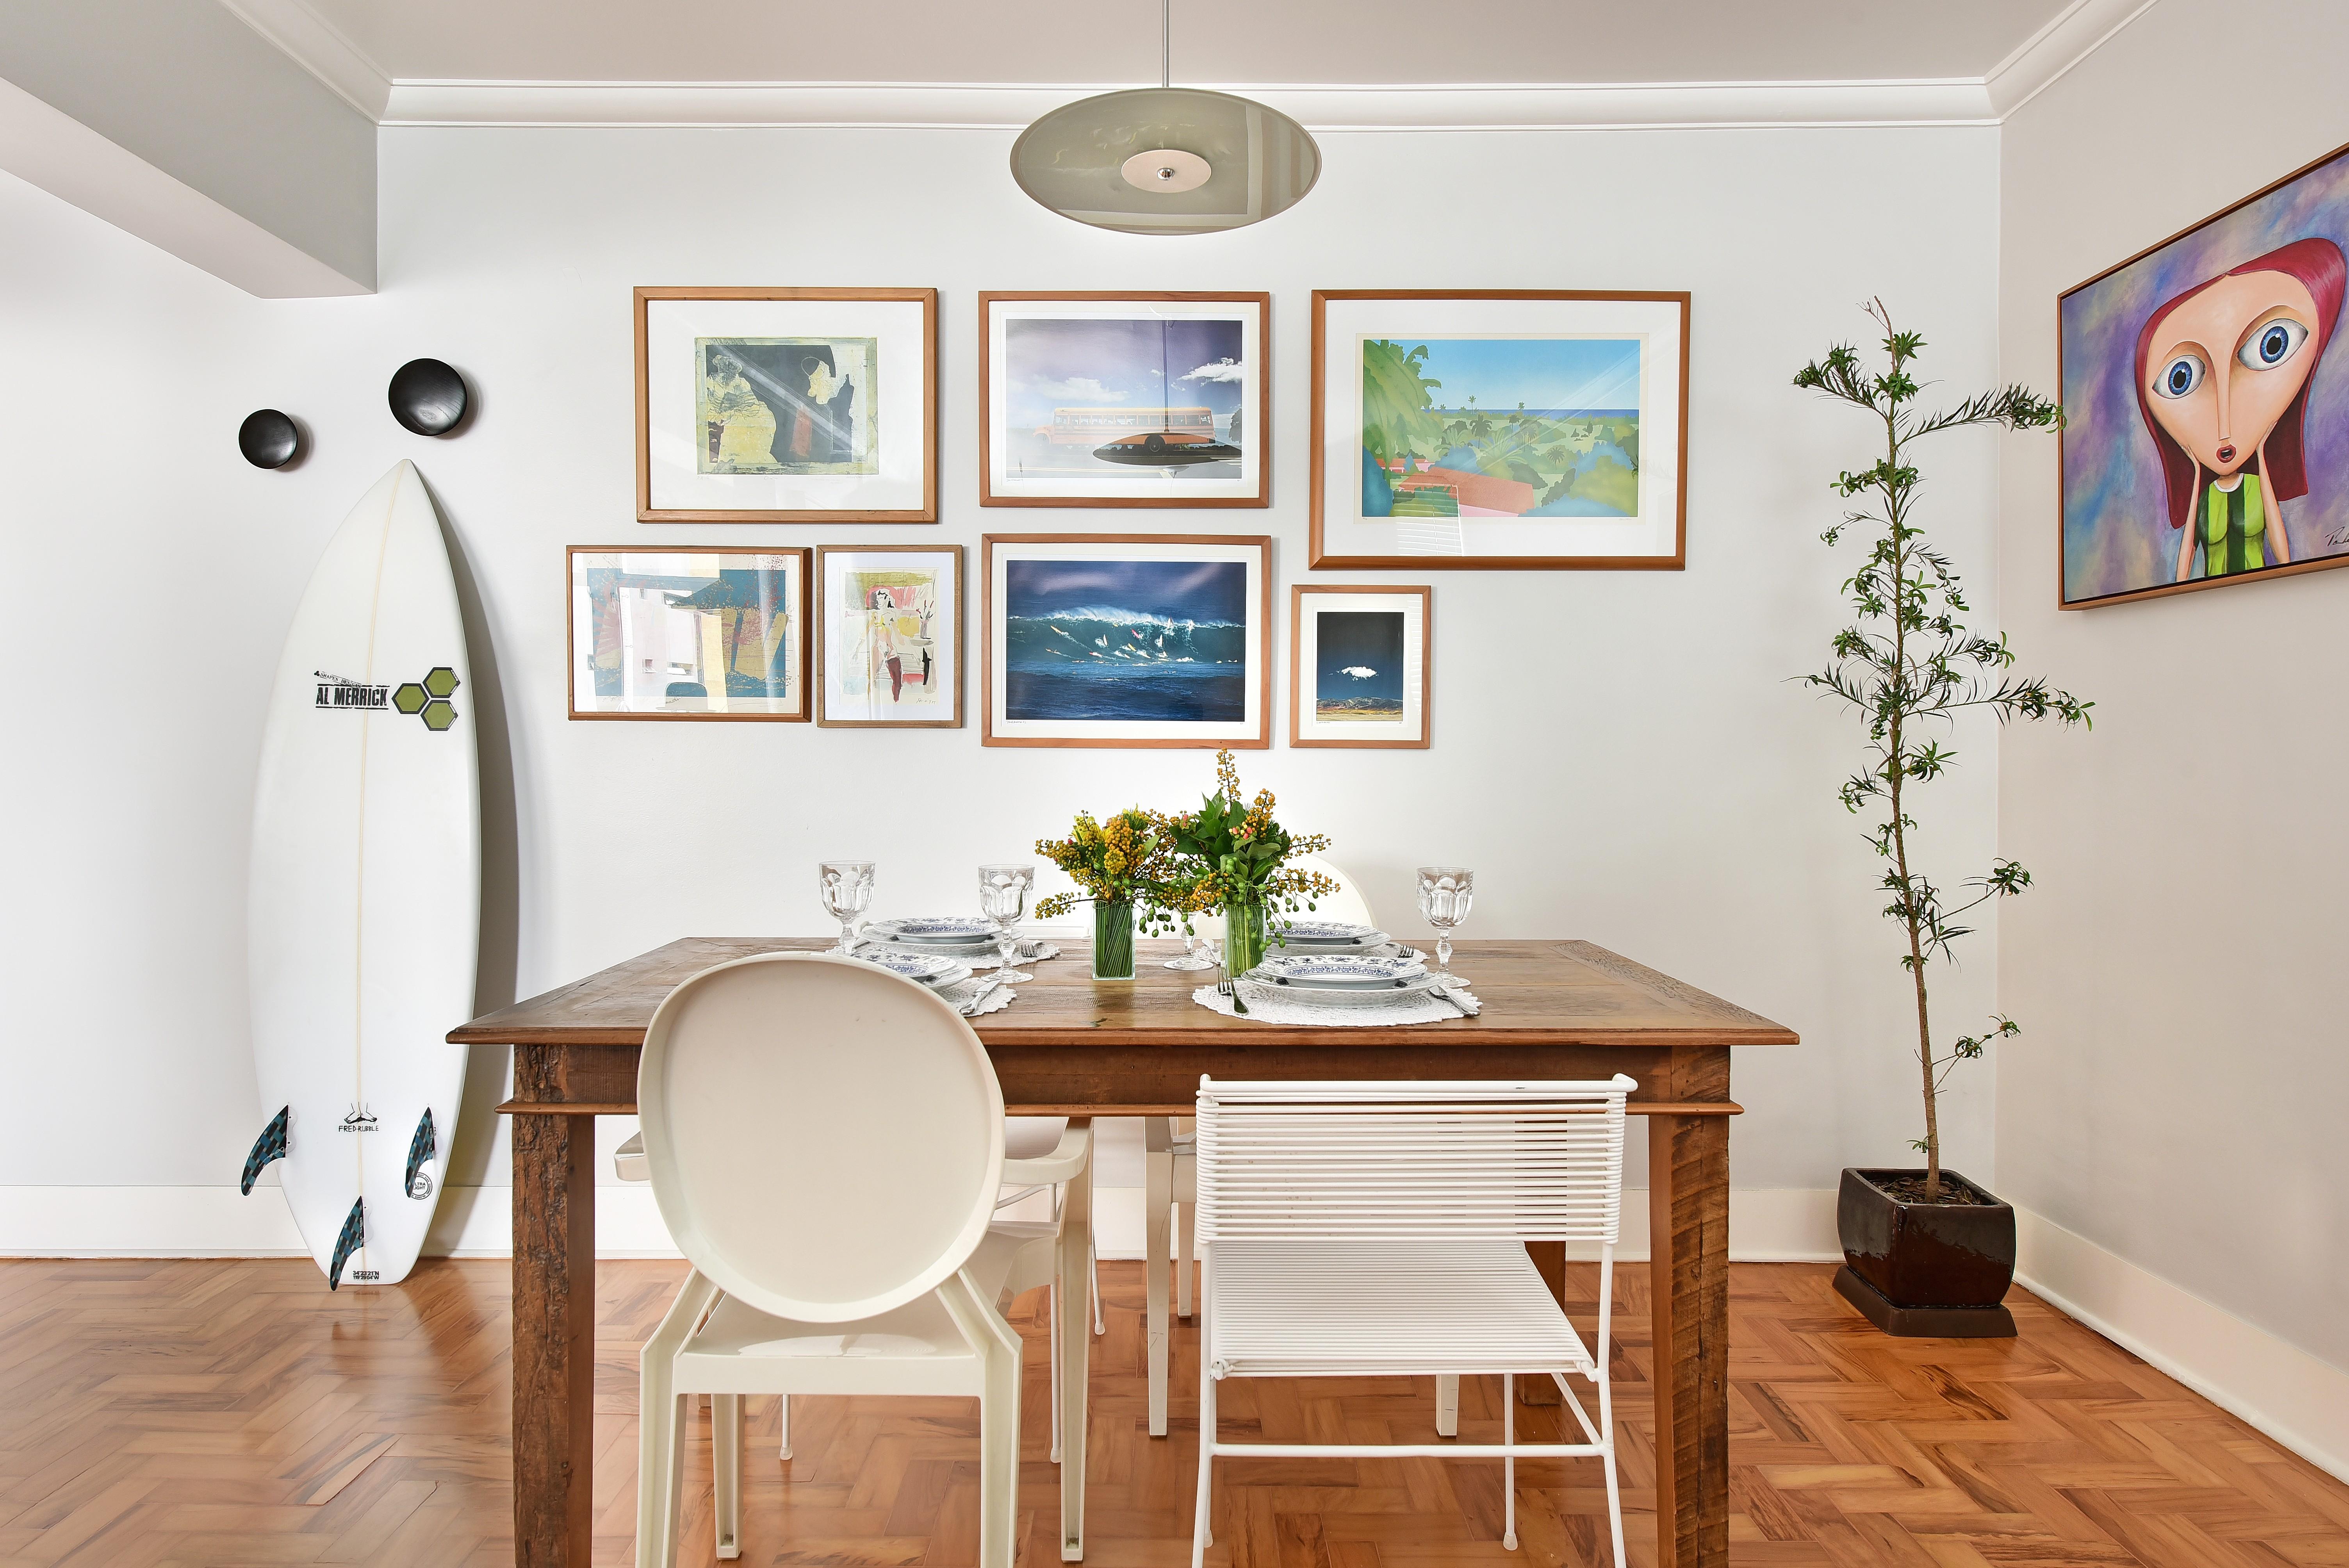 Apê de 130 m² ganha bossa com clima retrô e obras de arte